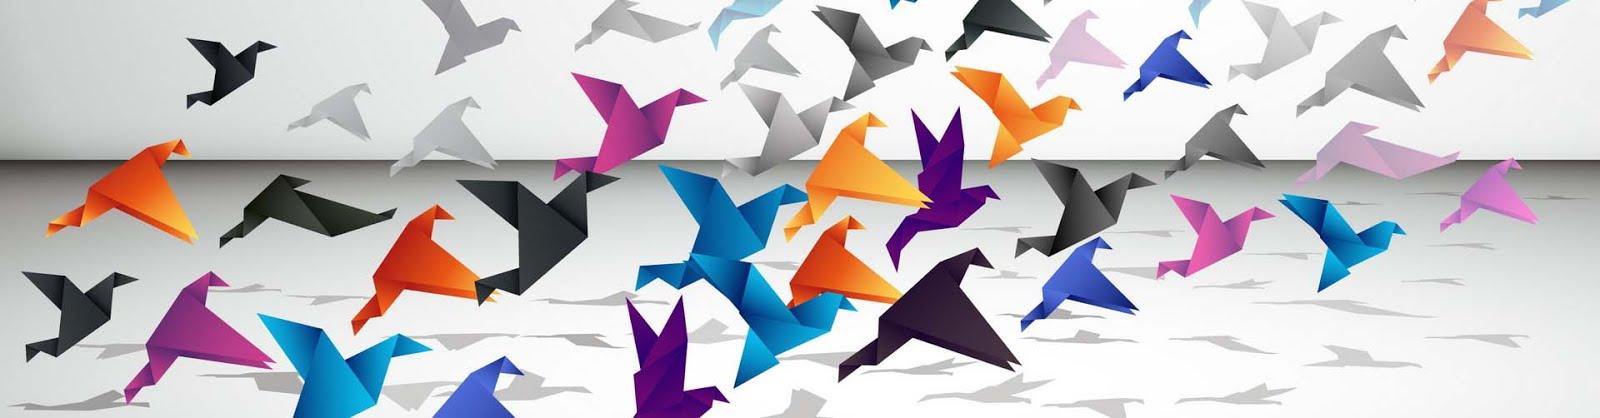 Monde d'Origami